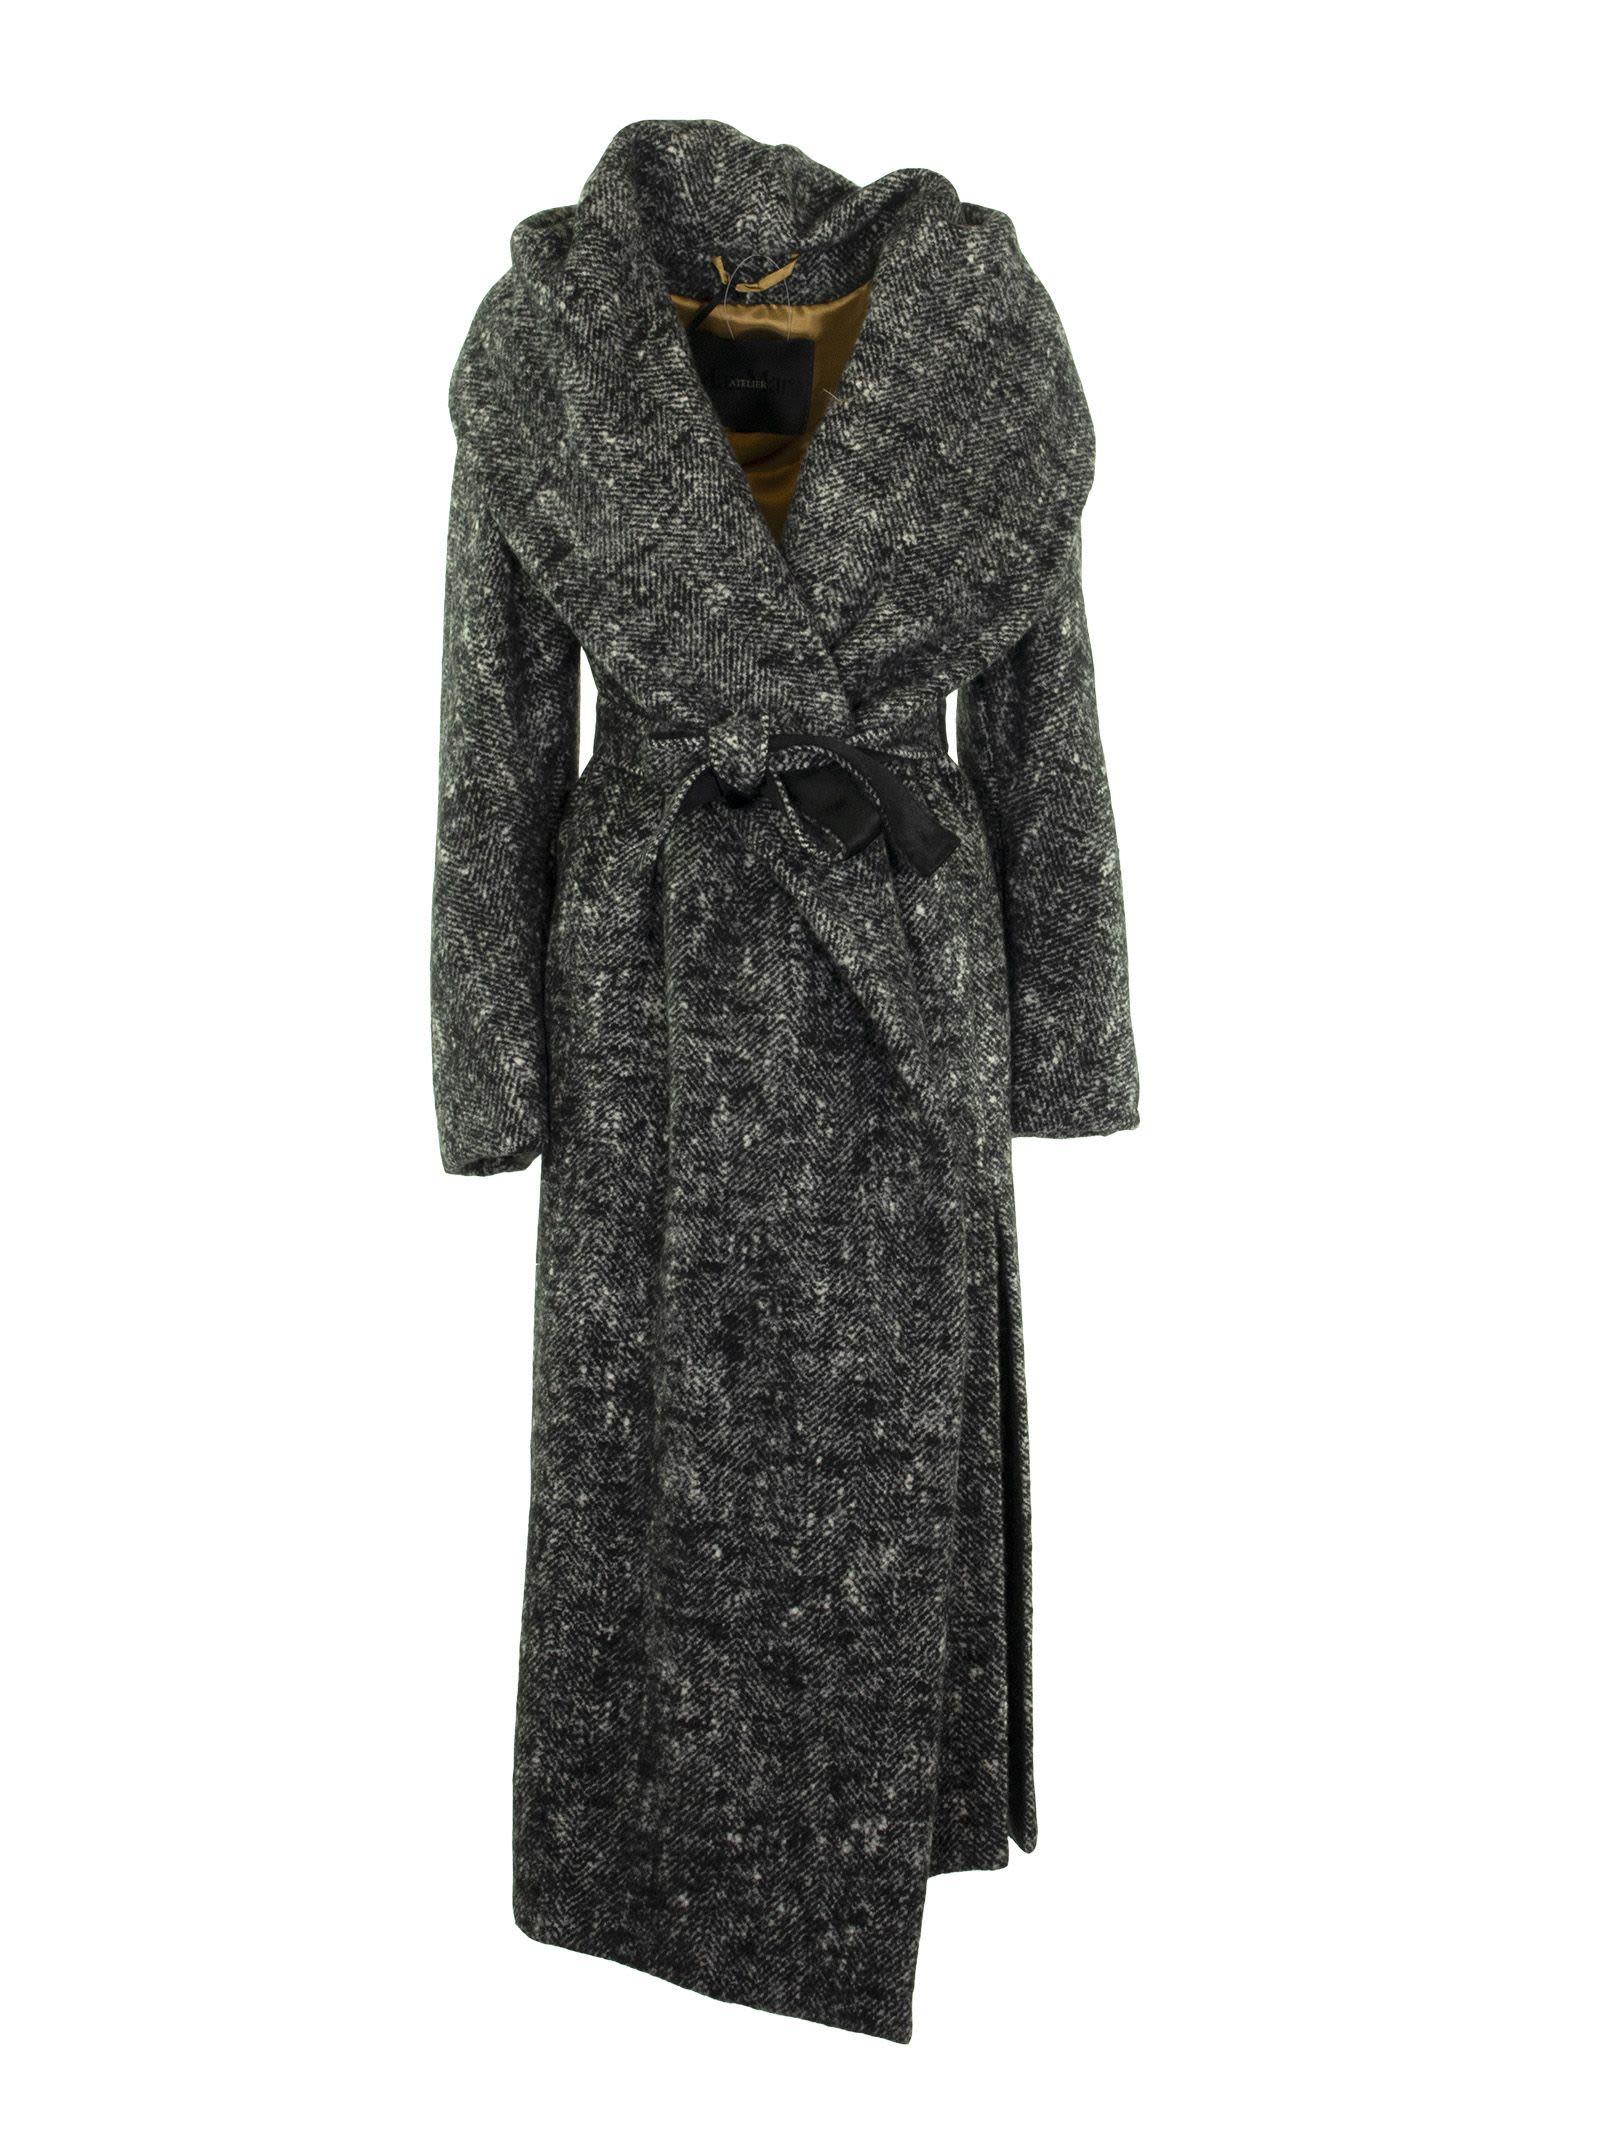 Max Mara Grey Coat